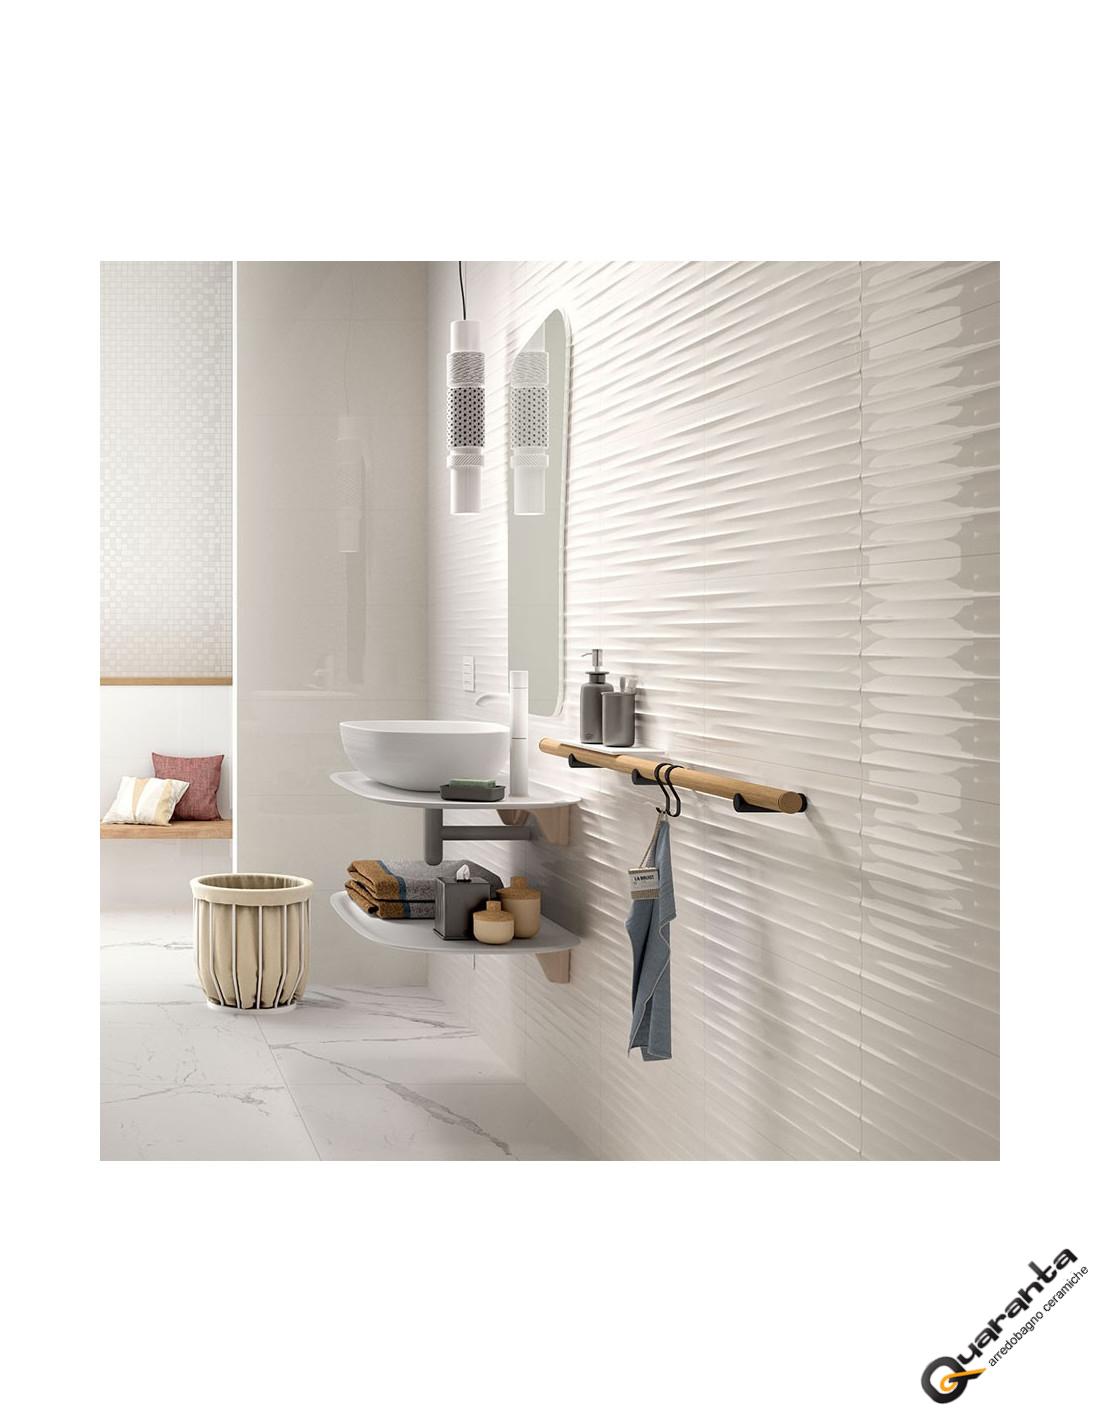 Rivestimento marazzi quaranta ceramiche color code bianco lucido - Piastrelle 15x15 bianco lucido ...